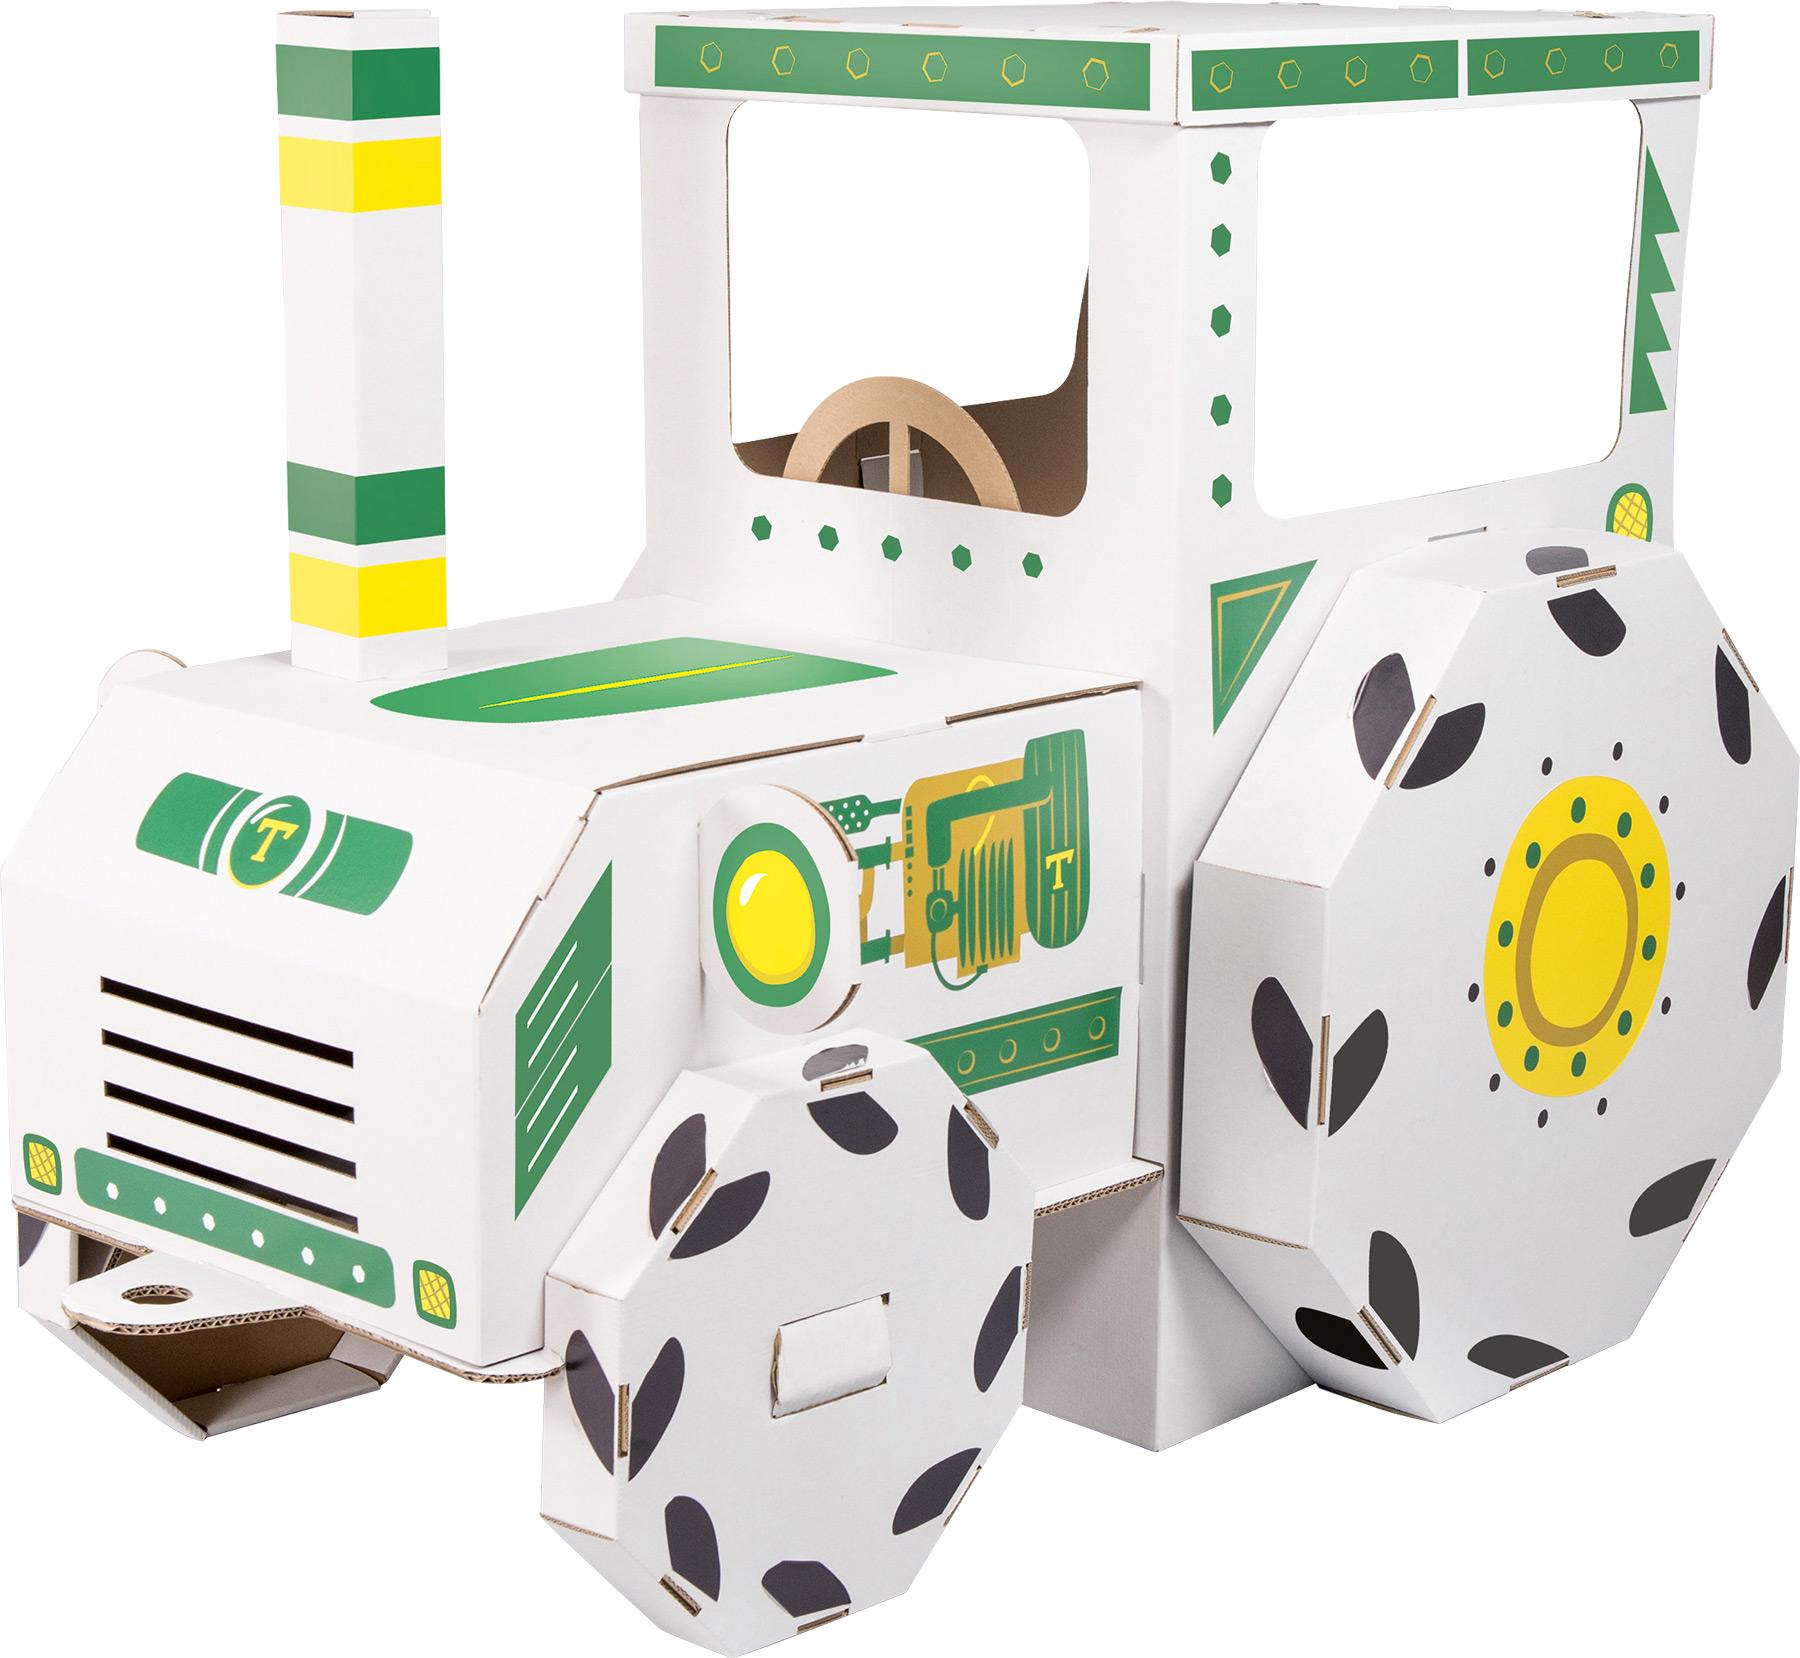 Maison de jeu Tracteur en carton